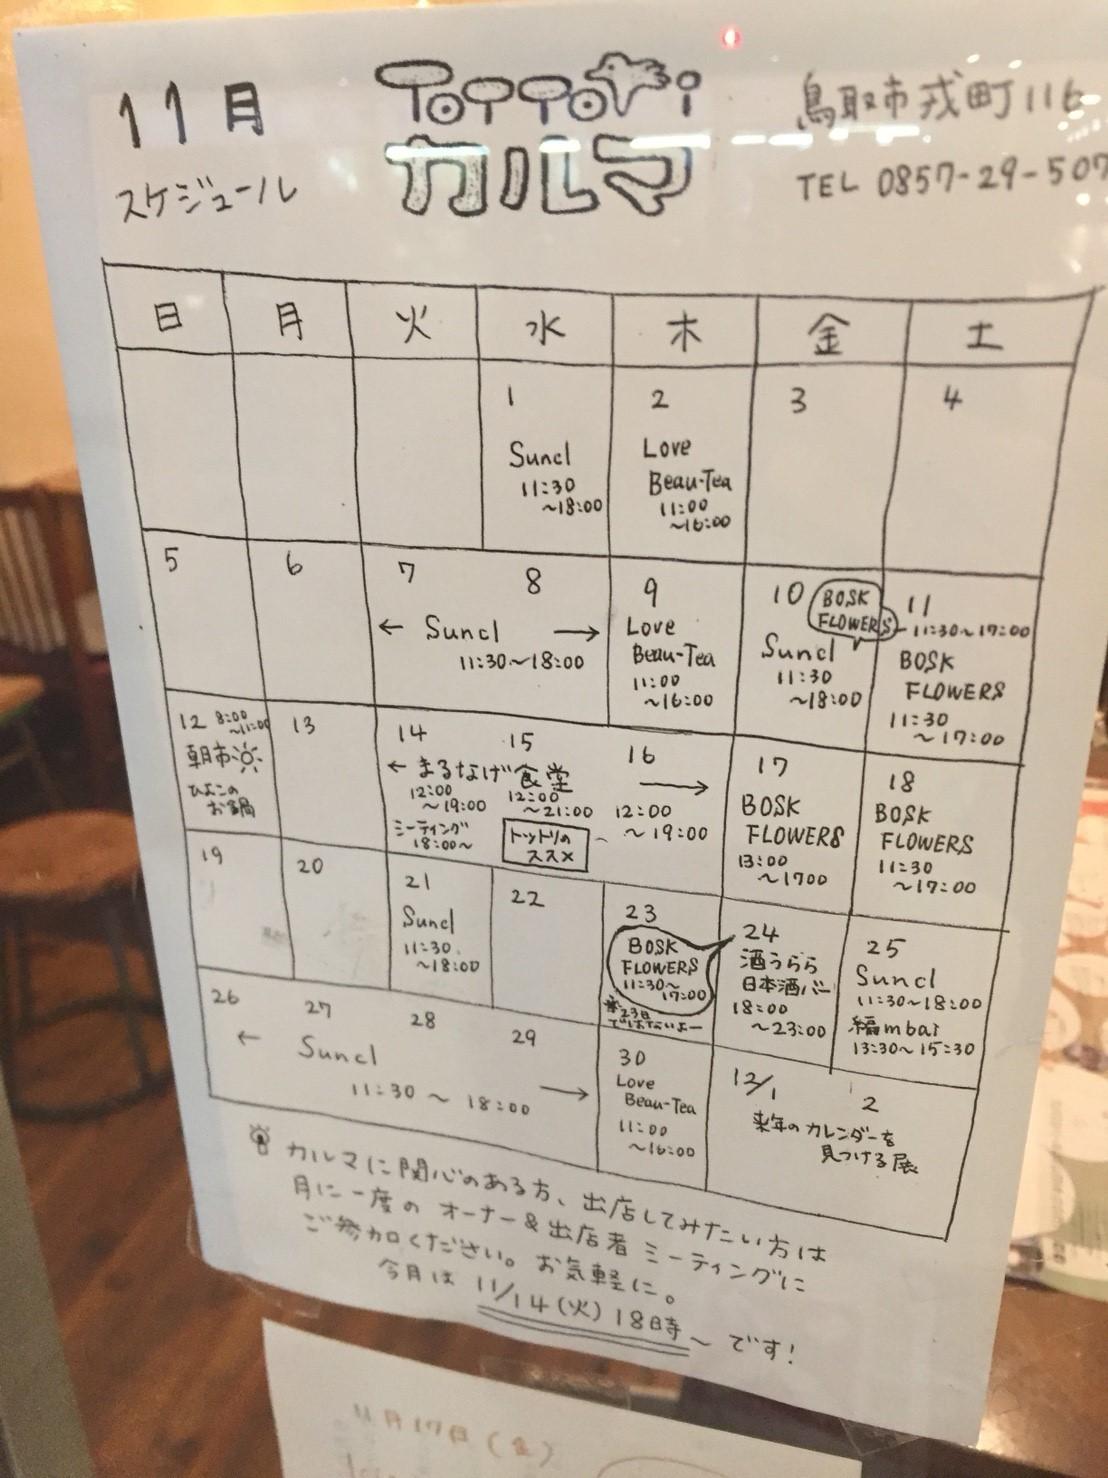 Tottoriカルマ まるなげ食堂 カレー_e0115904_01023698.jpg